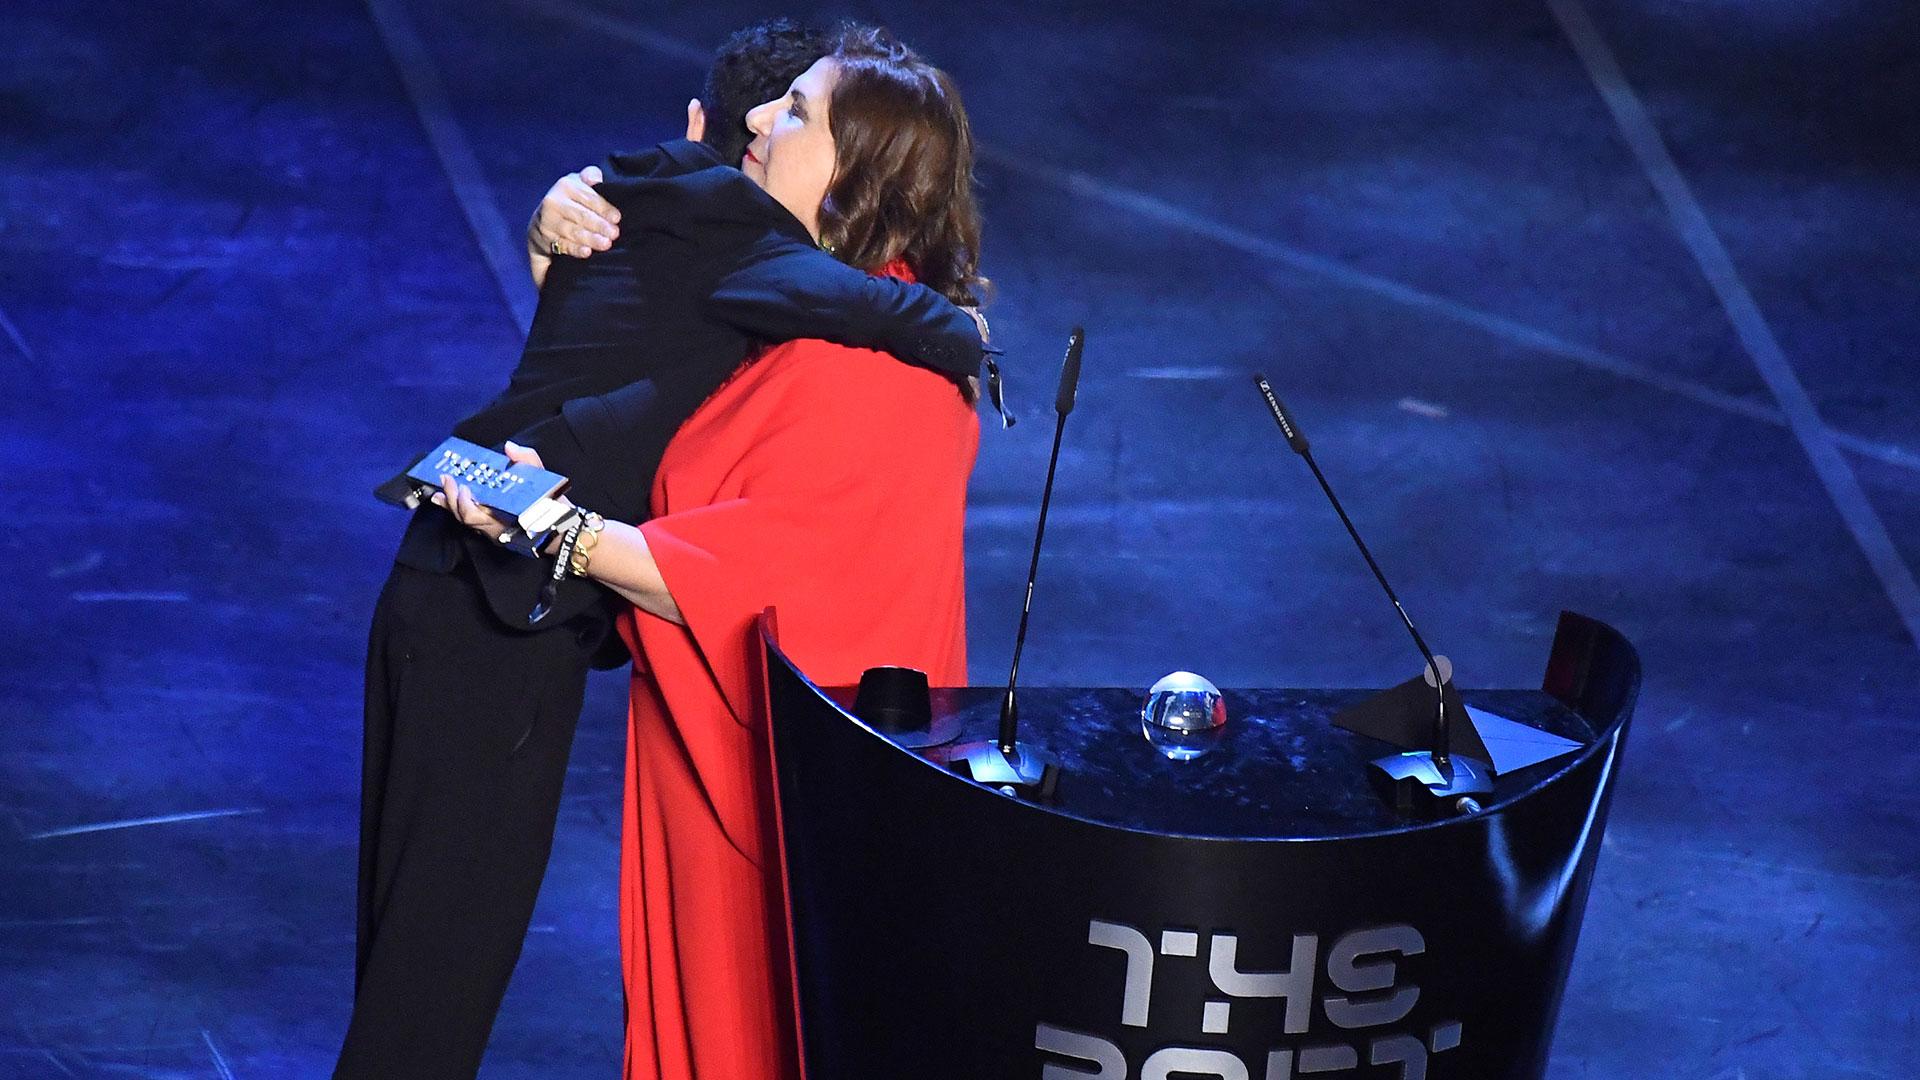 La historia de Silvia Grecco, quien le relata los partidos a su hijo ciego en el estadio, se llevó el premio a la afición